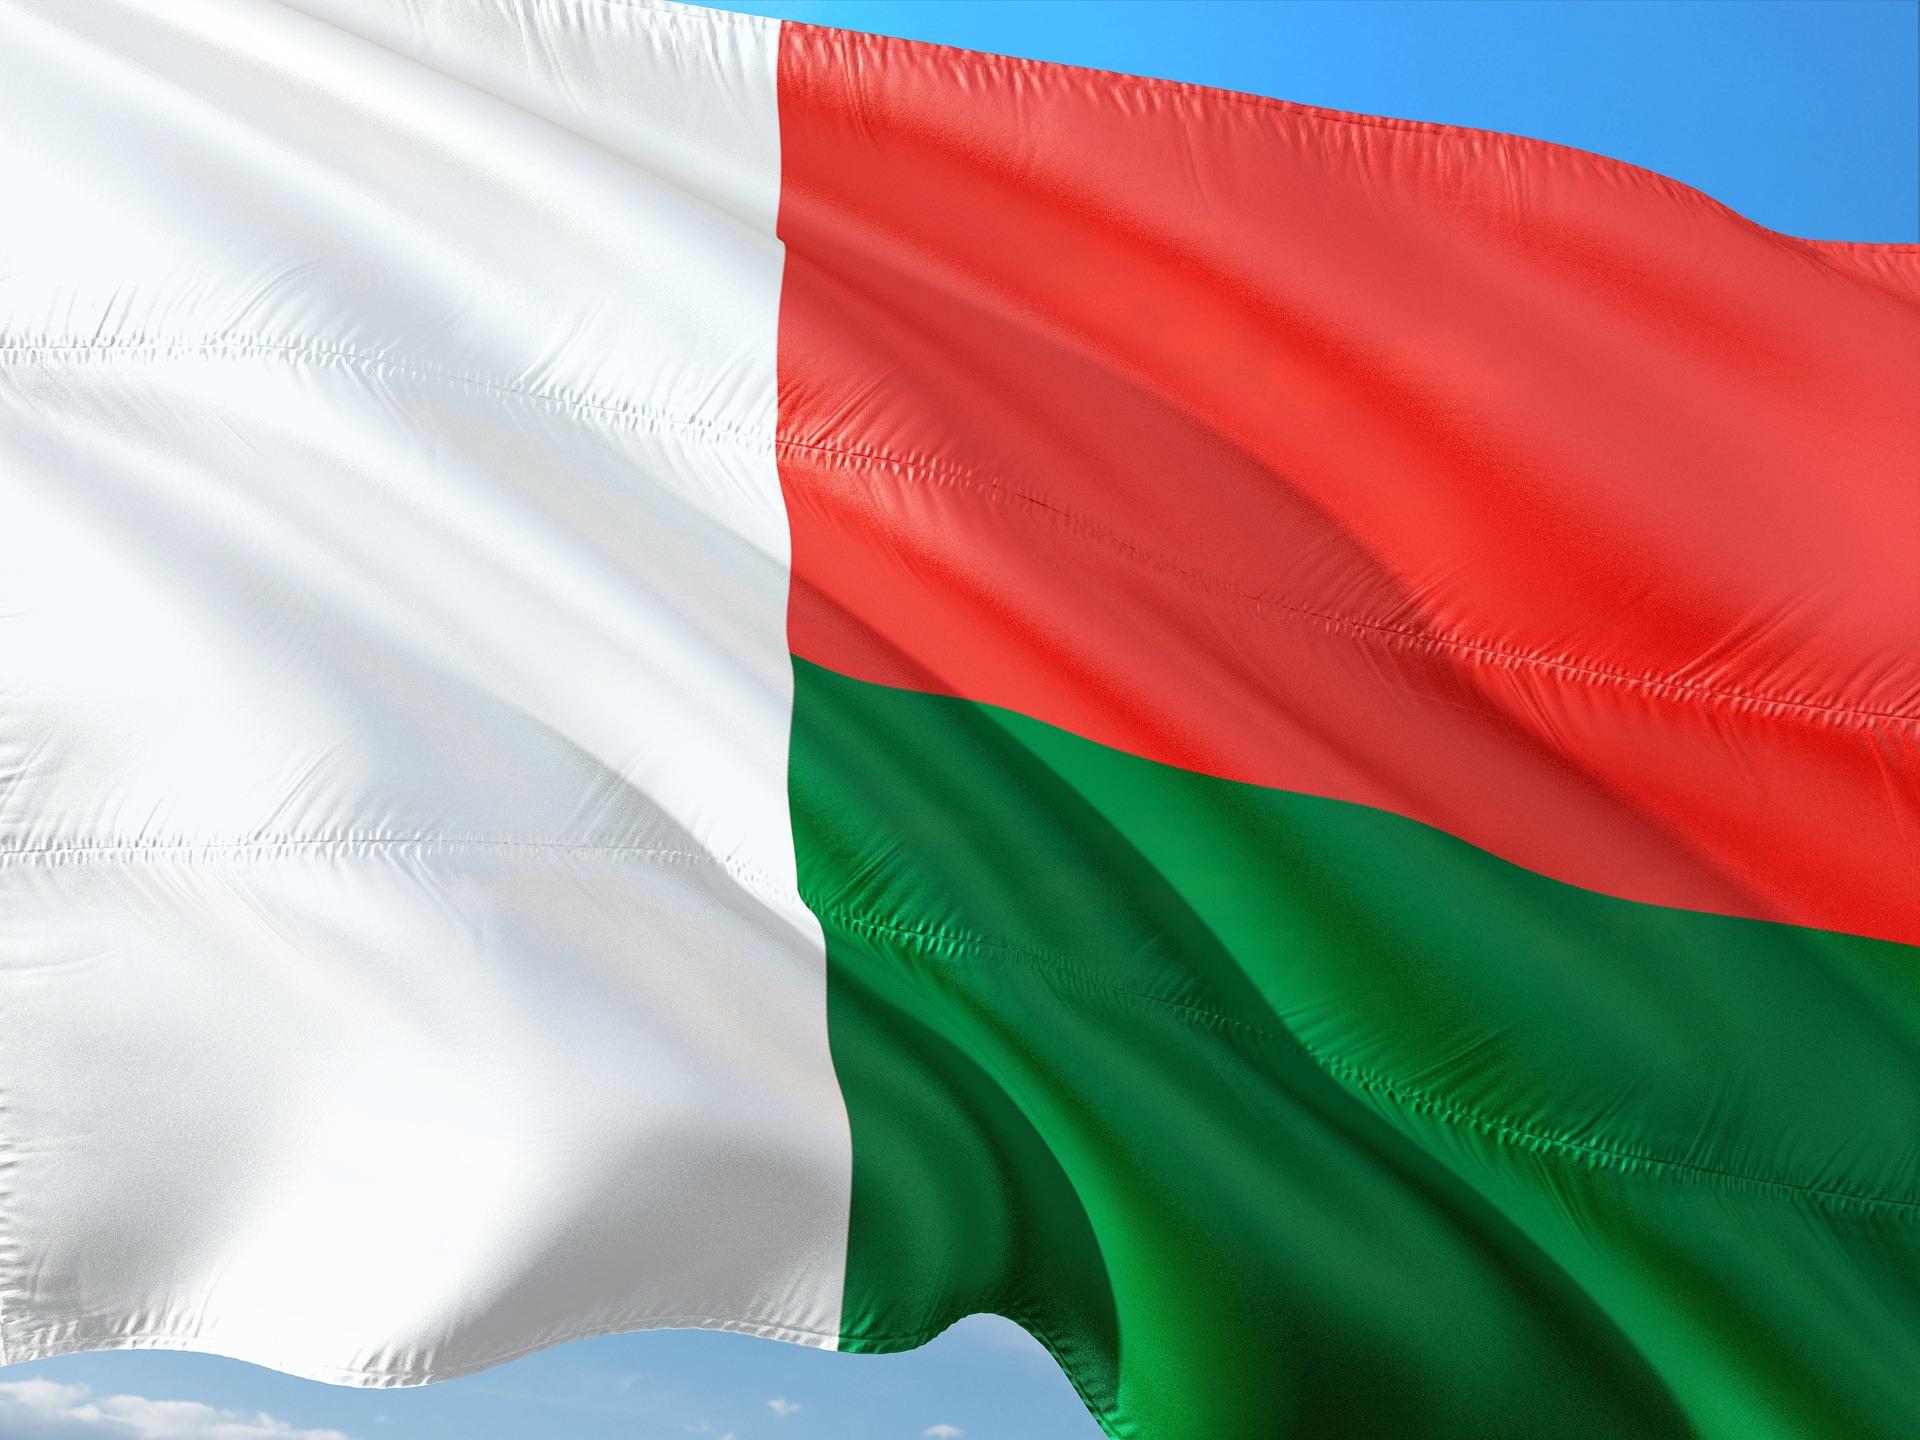 La Traduction de vos documents en Malgache avec Eu Coordination, agence de Traduction et d'Interprétation.